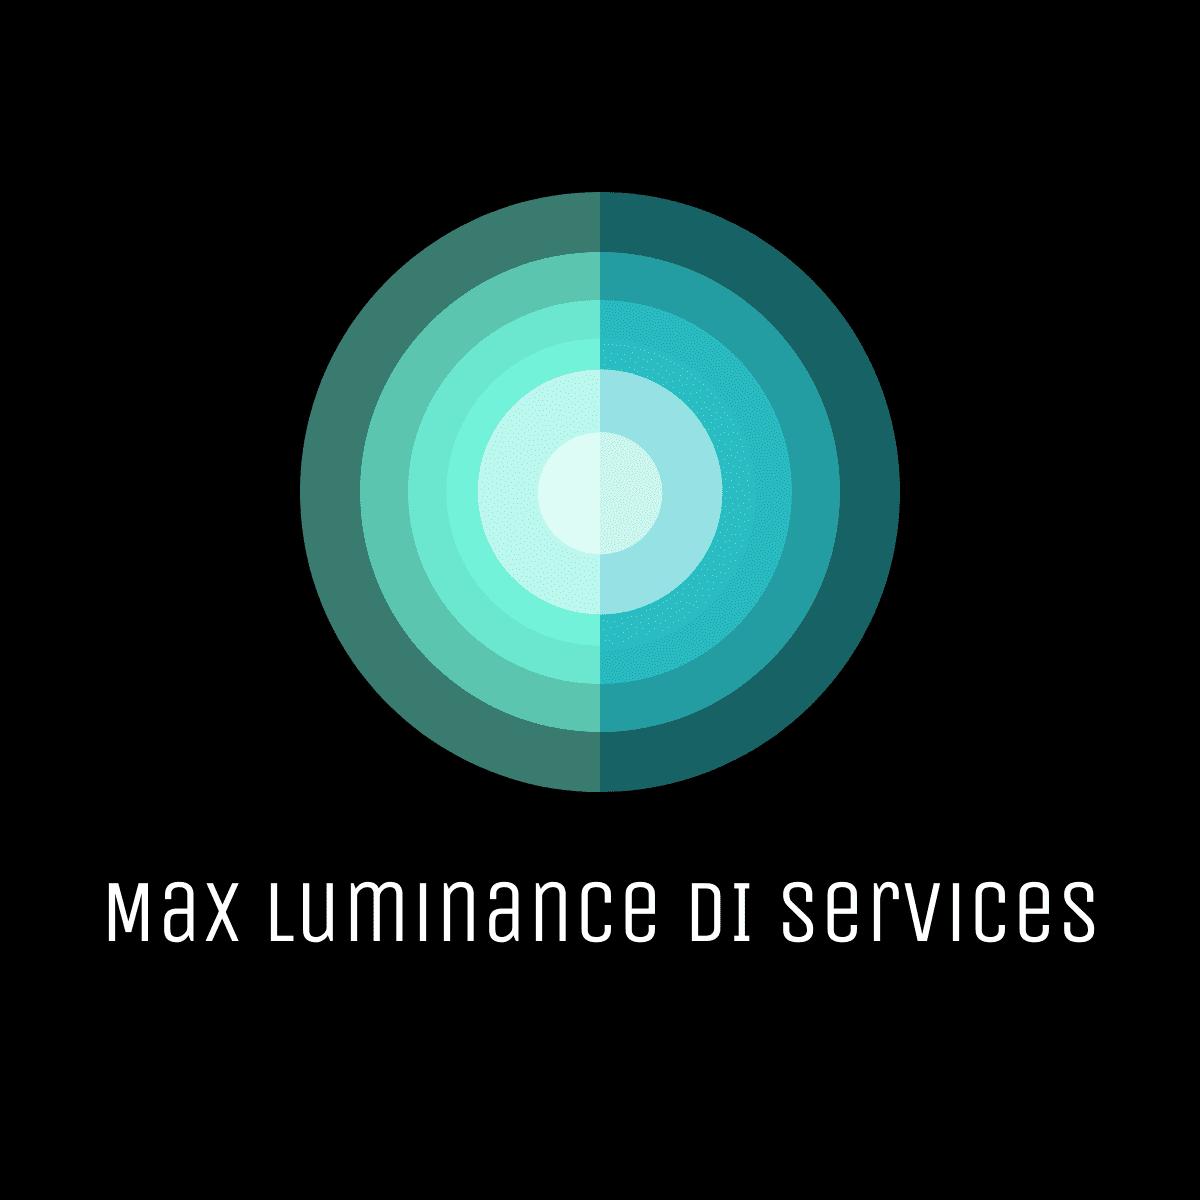 Max Luminance DI Services primary image